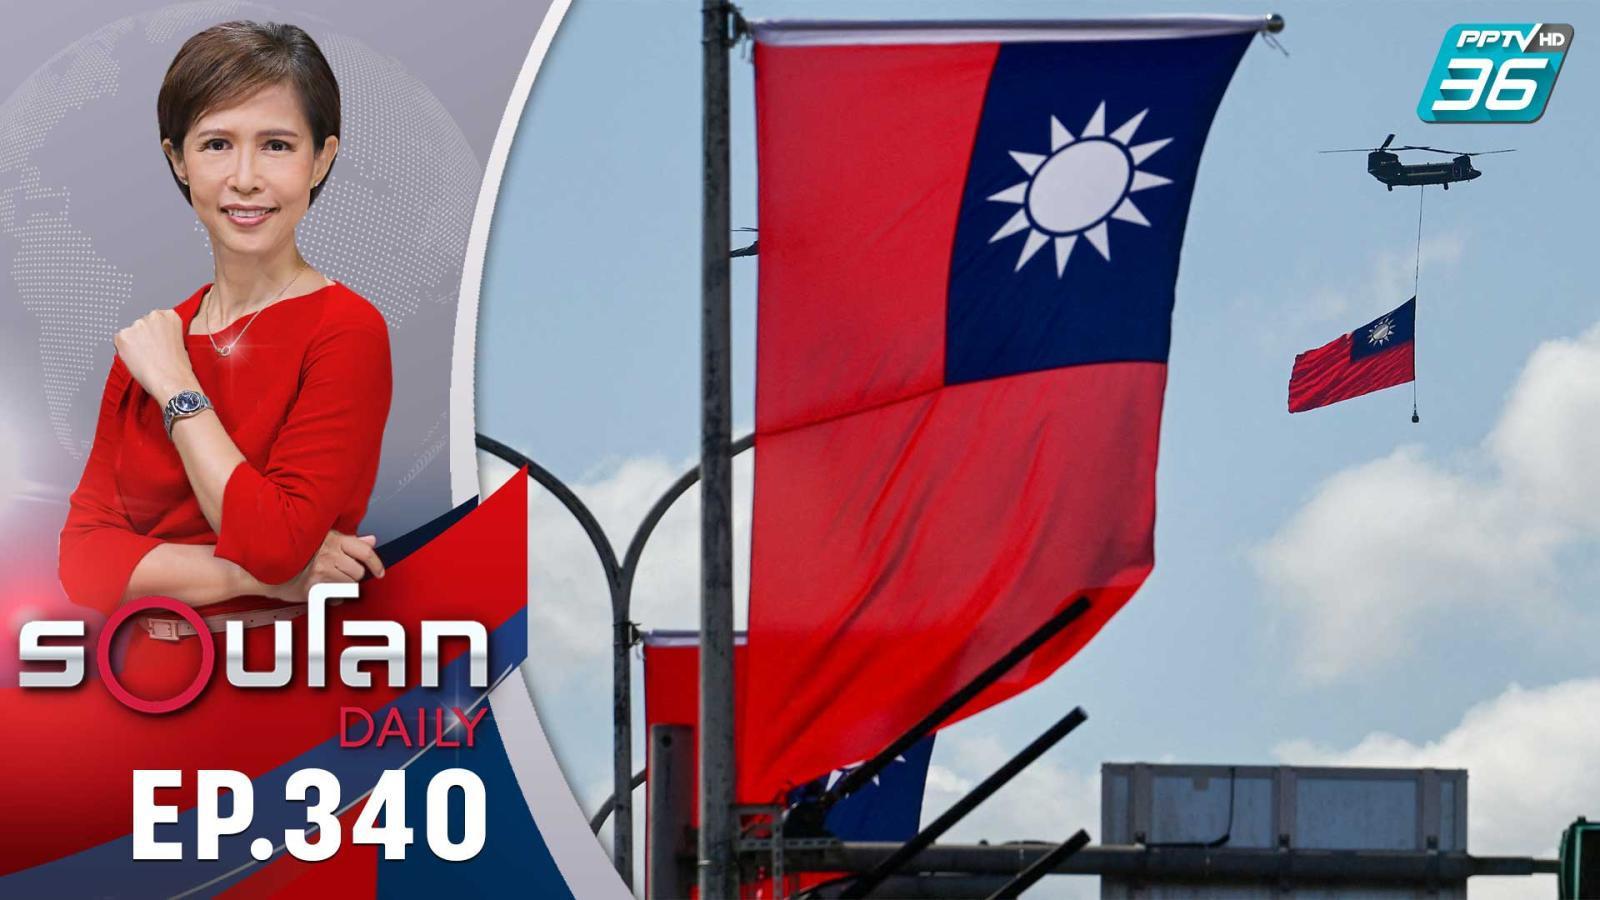 ไต้หวัน – จีน ยังระอุ ต่างฝ่ายต่างแสดงท่าทีแข็งกร้าว | 11 ต.ค. 64 | รอบโลก DAILY